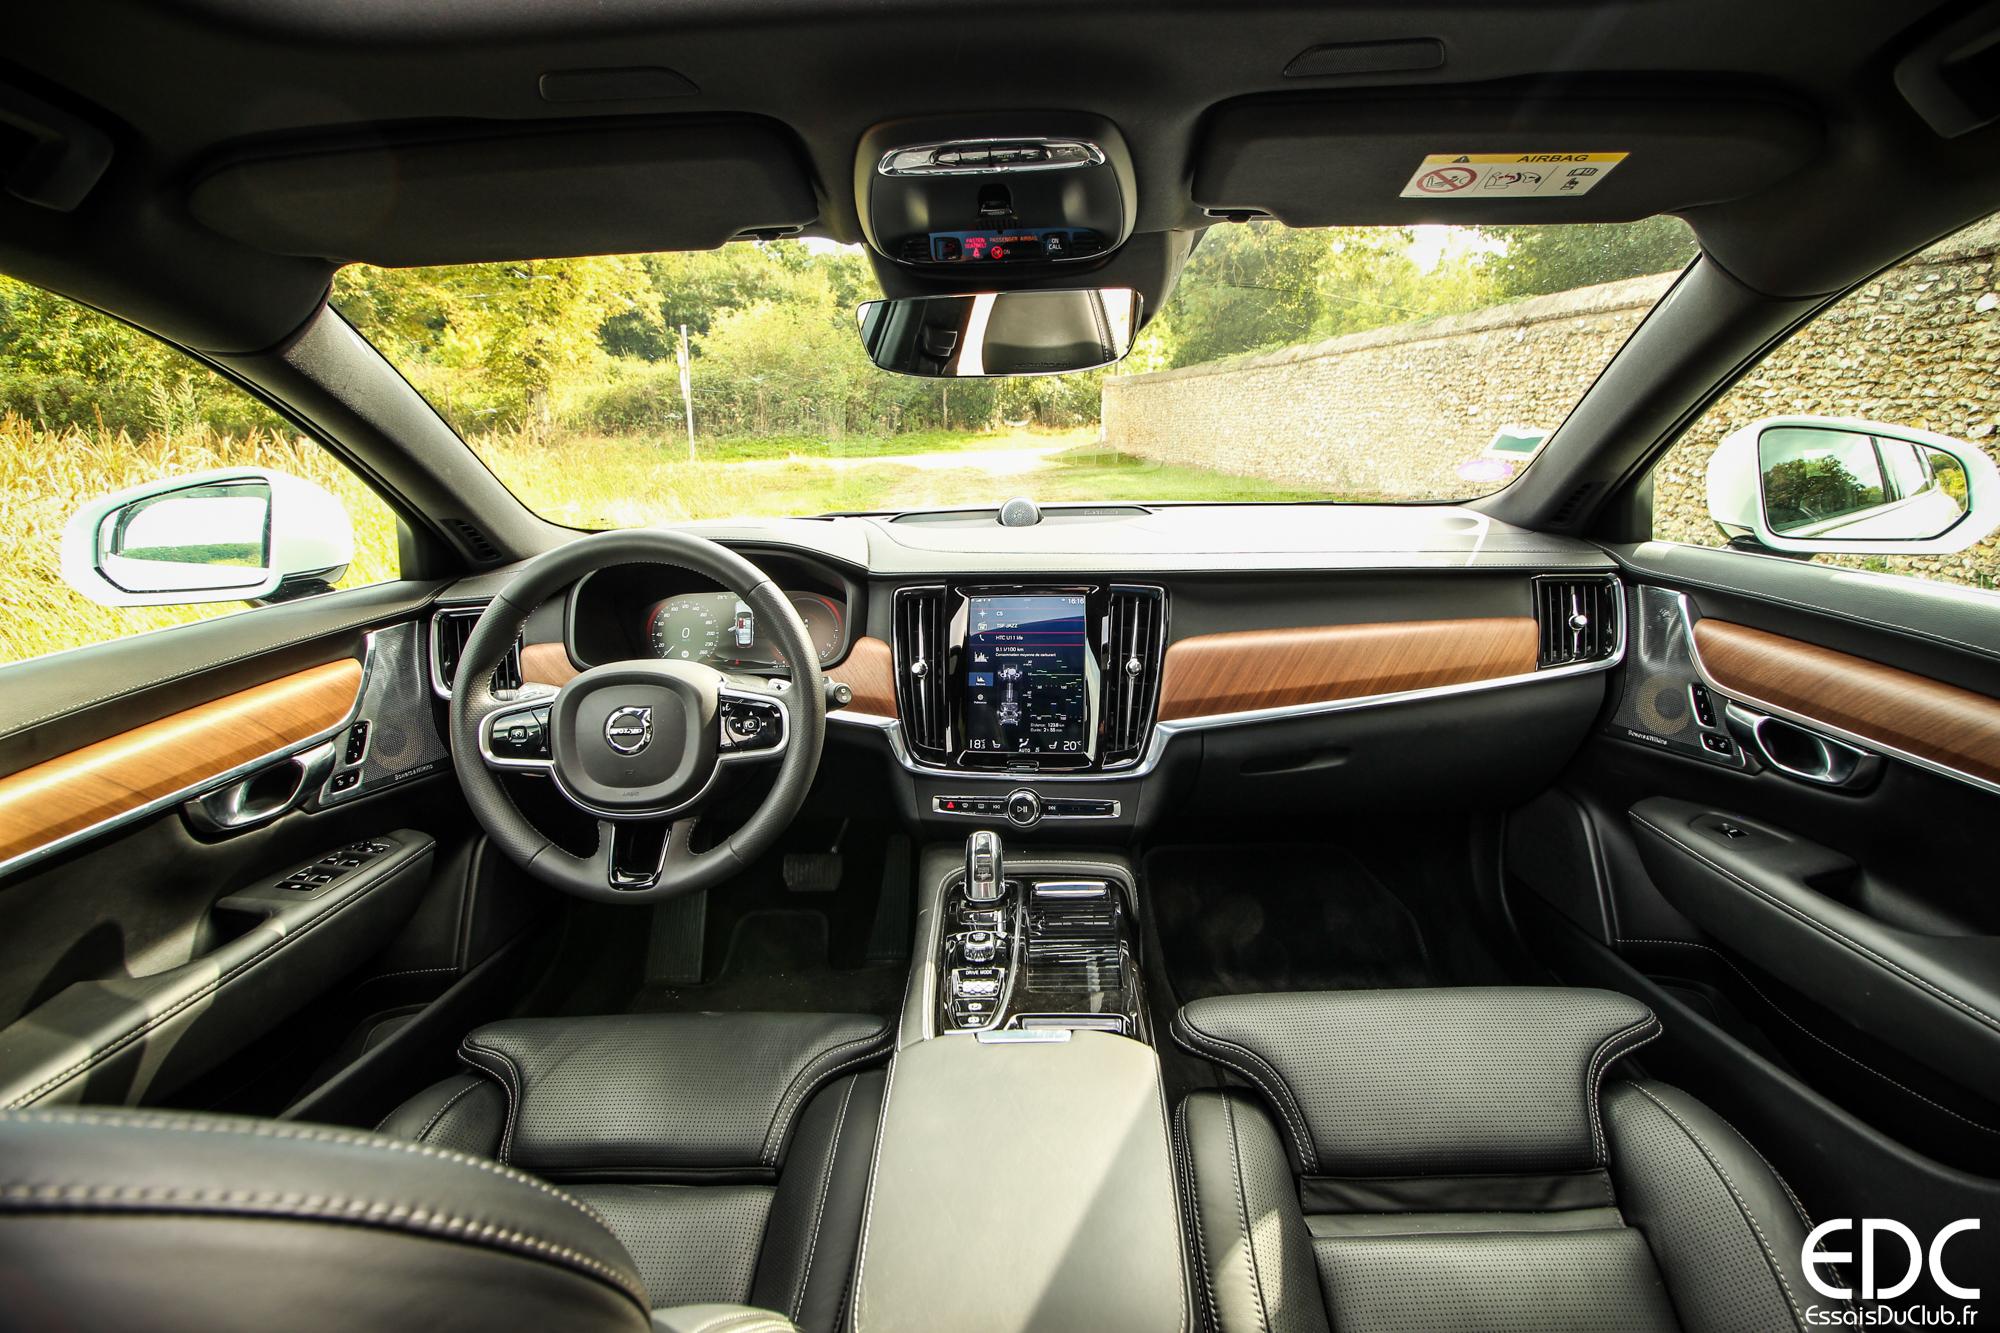 Volvo V90 intérieur